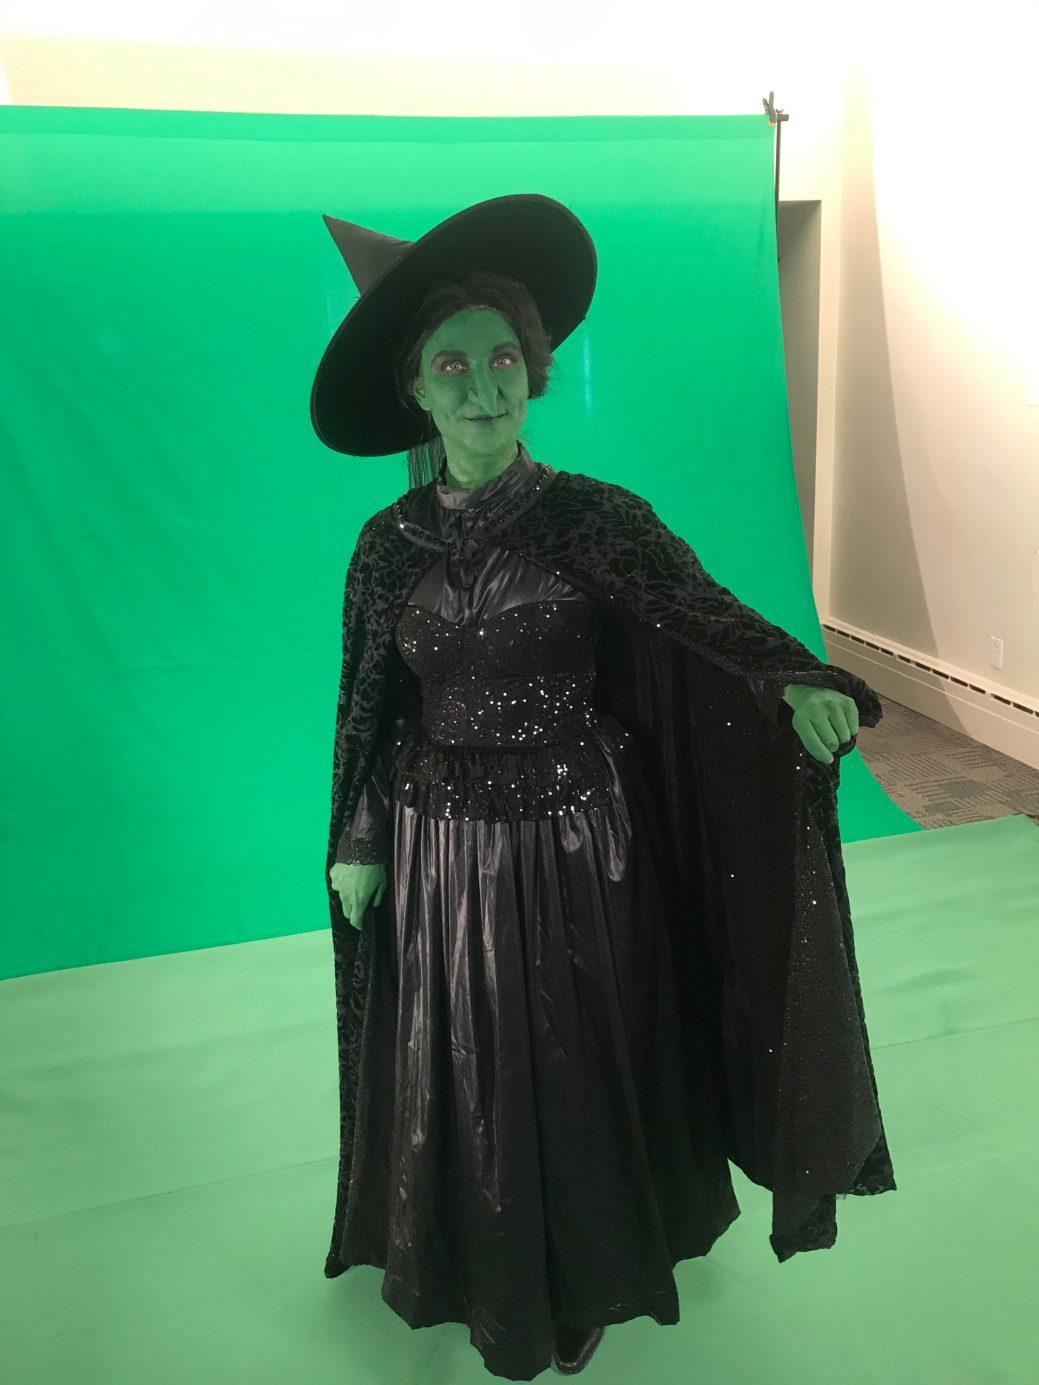 Mélanie LeBlanc dans son costume de la méchante sorcière. -Gracieuseté.